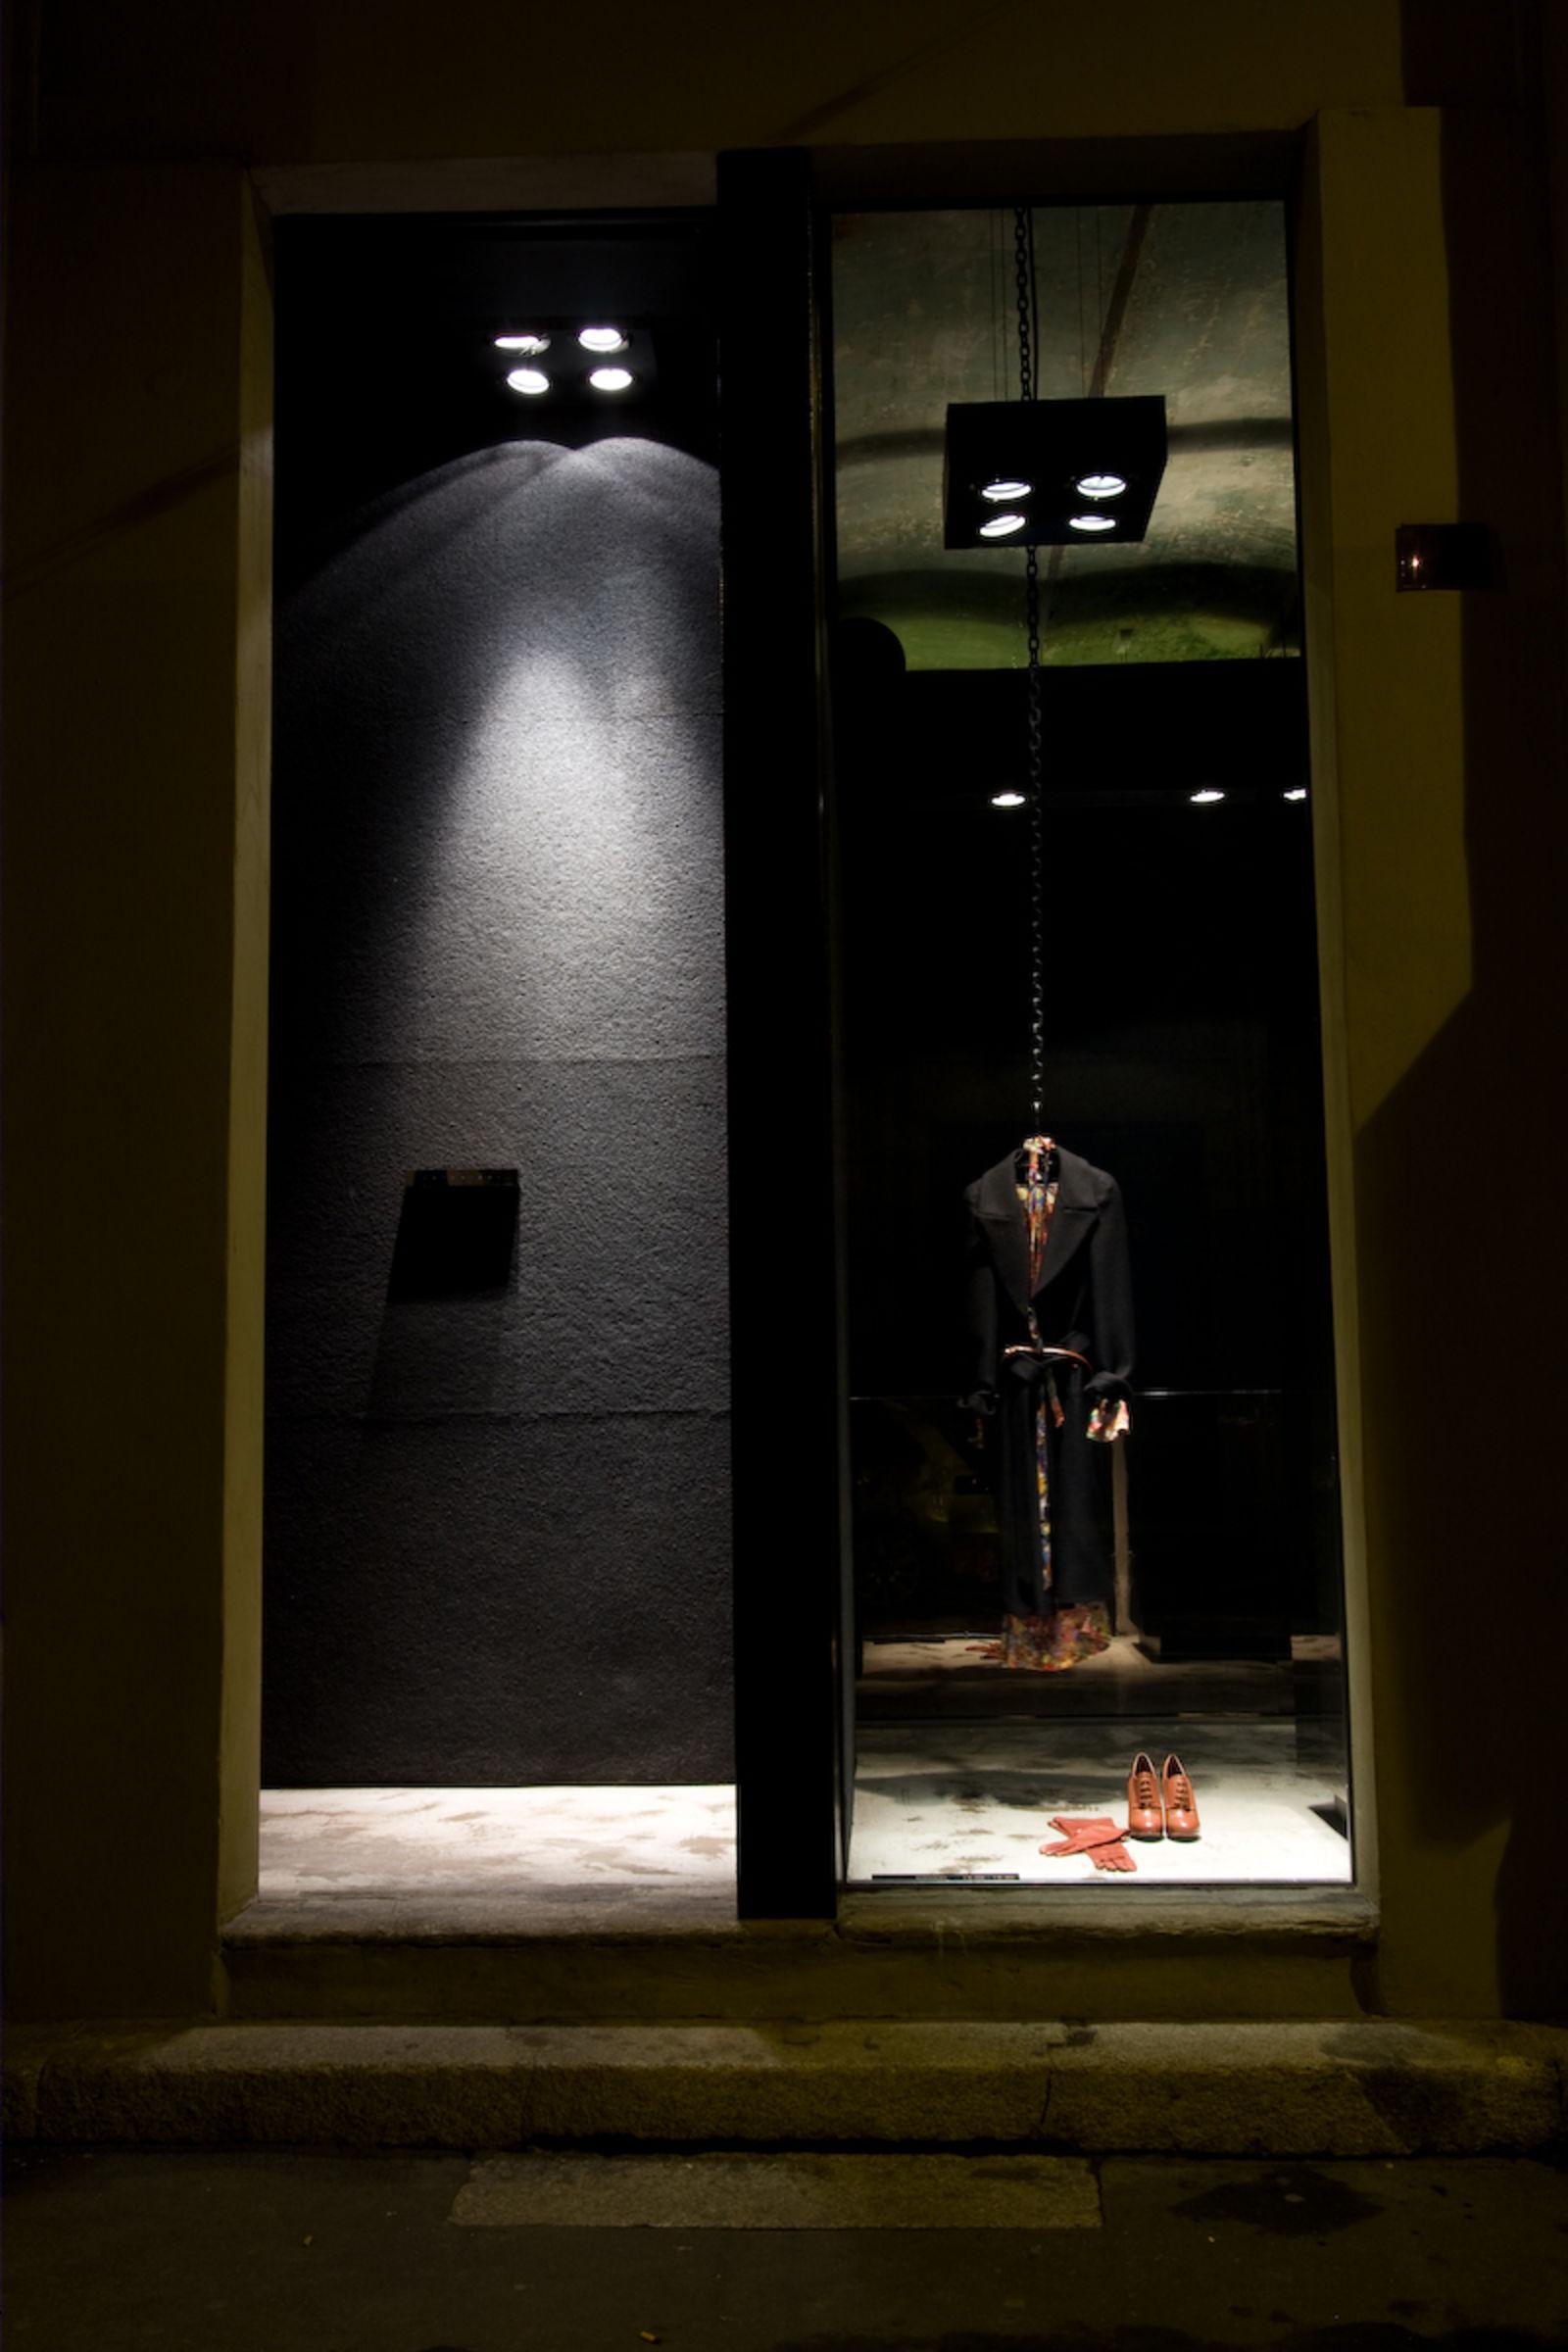 ANTONIOLI in Milán (Imagen 1)